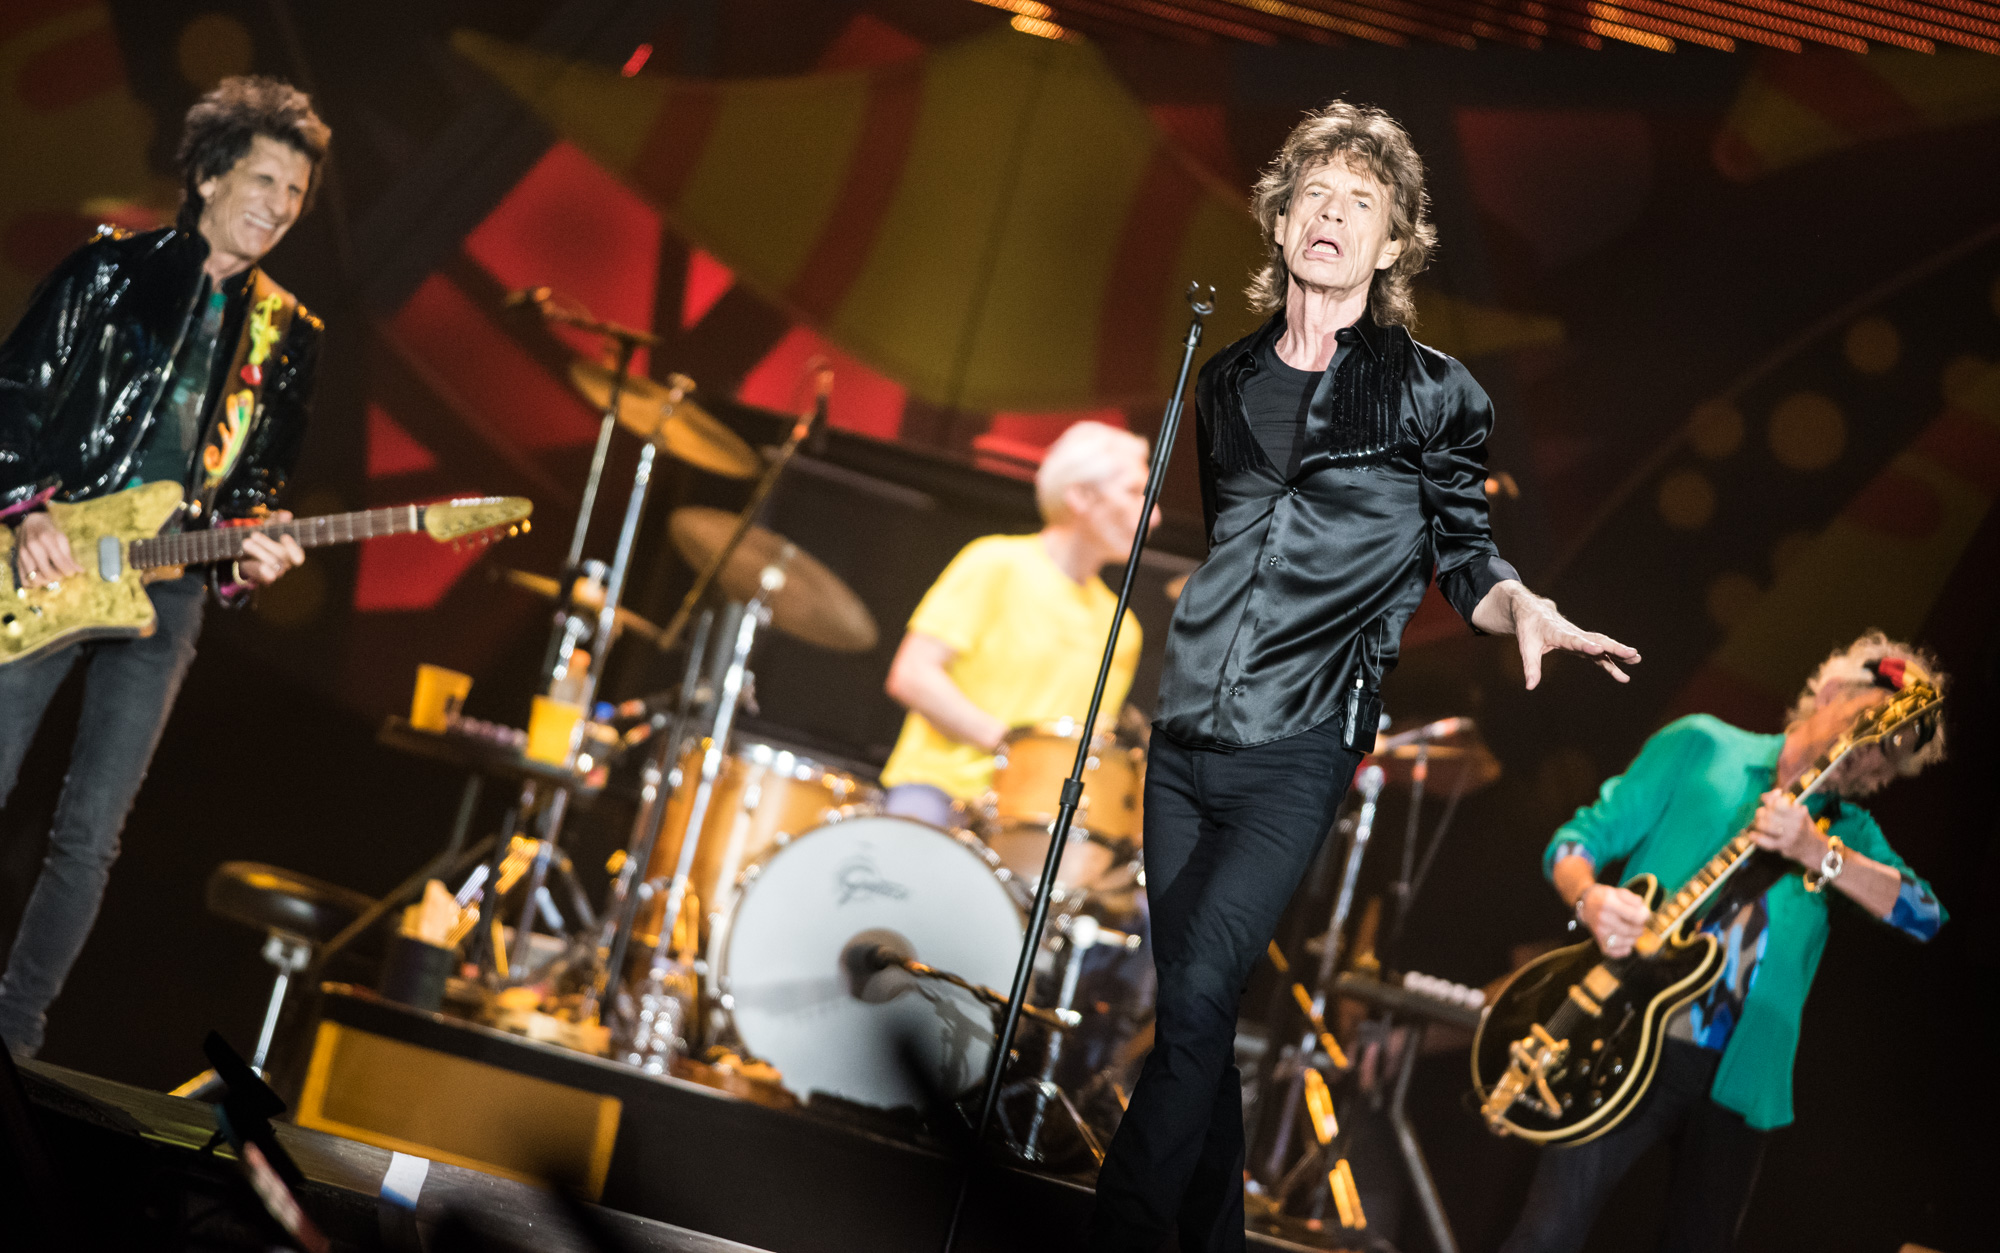 Segundo show dos Rolling Stones em São Paulo, no estádio do Morumbi